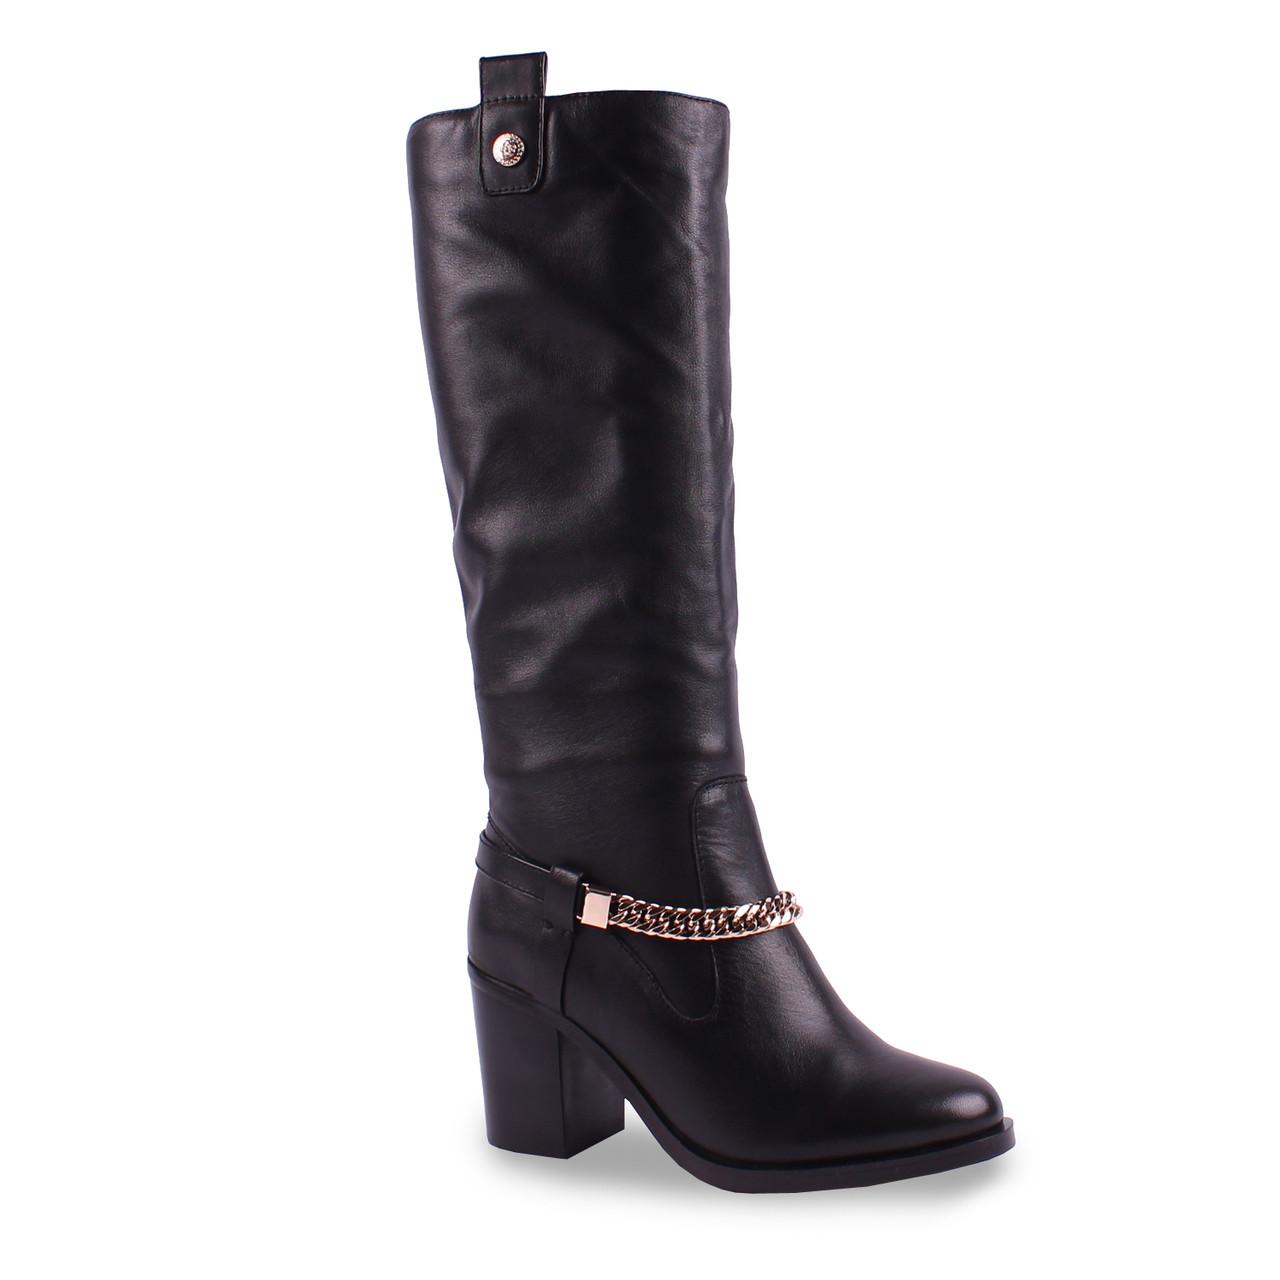 Женские сапоги Dina Fabiani (натуральная кожа, удобный каблук, красивая пряжка, теплые, зимние, черные)